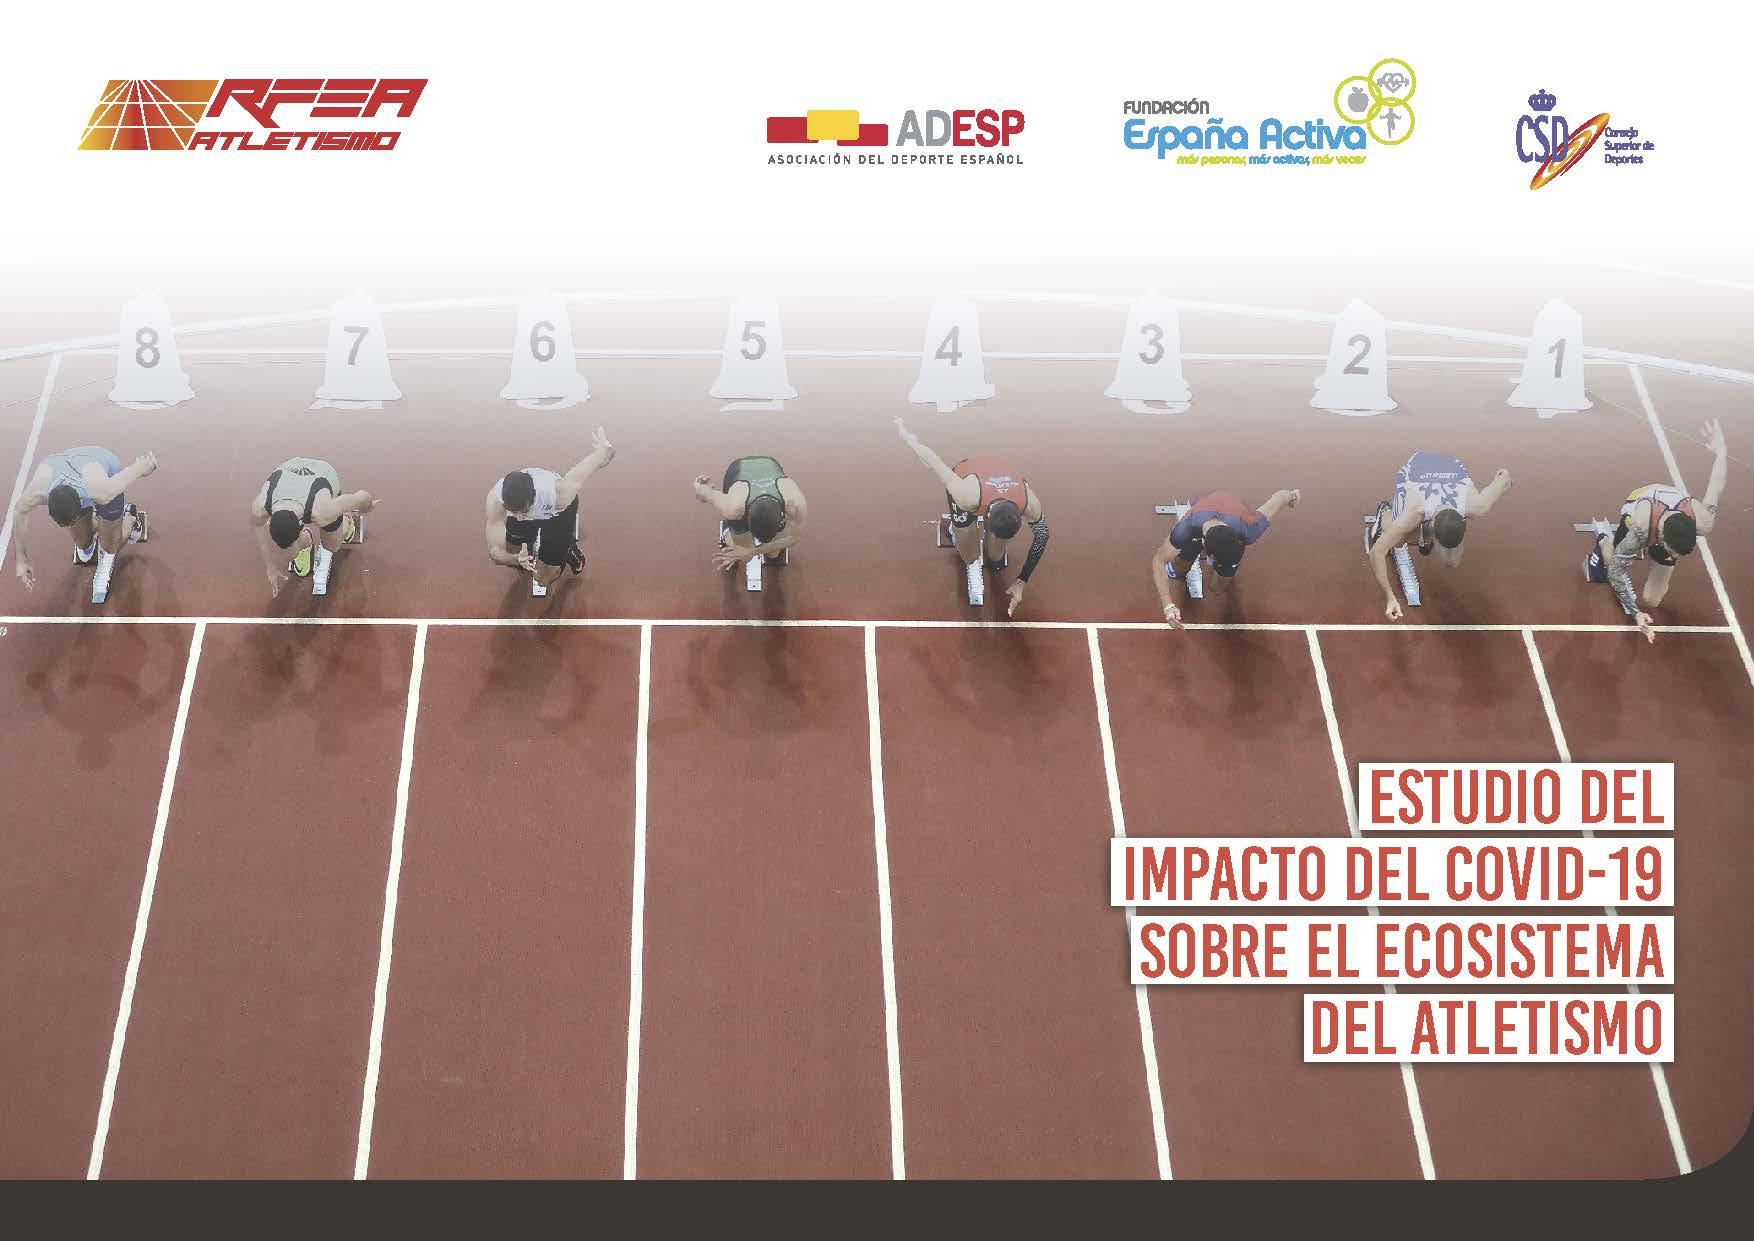 portada estudio covid atletismo